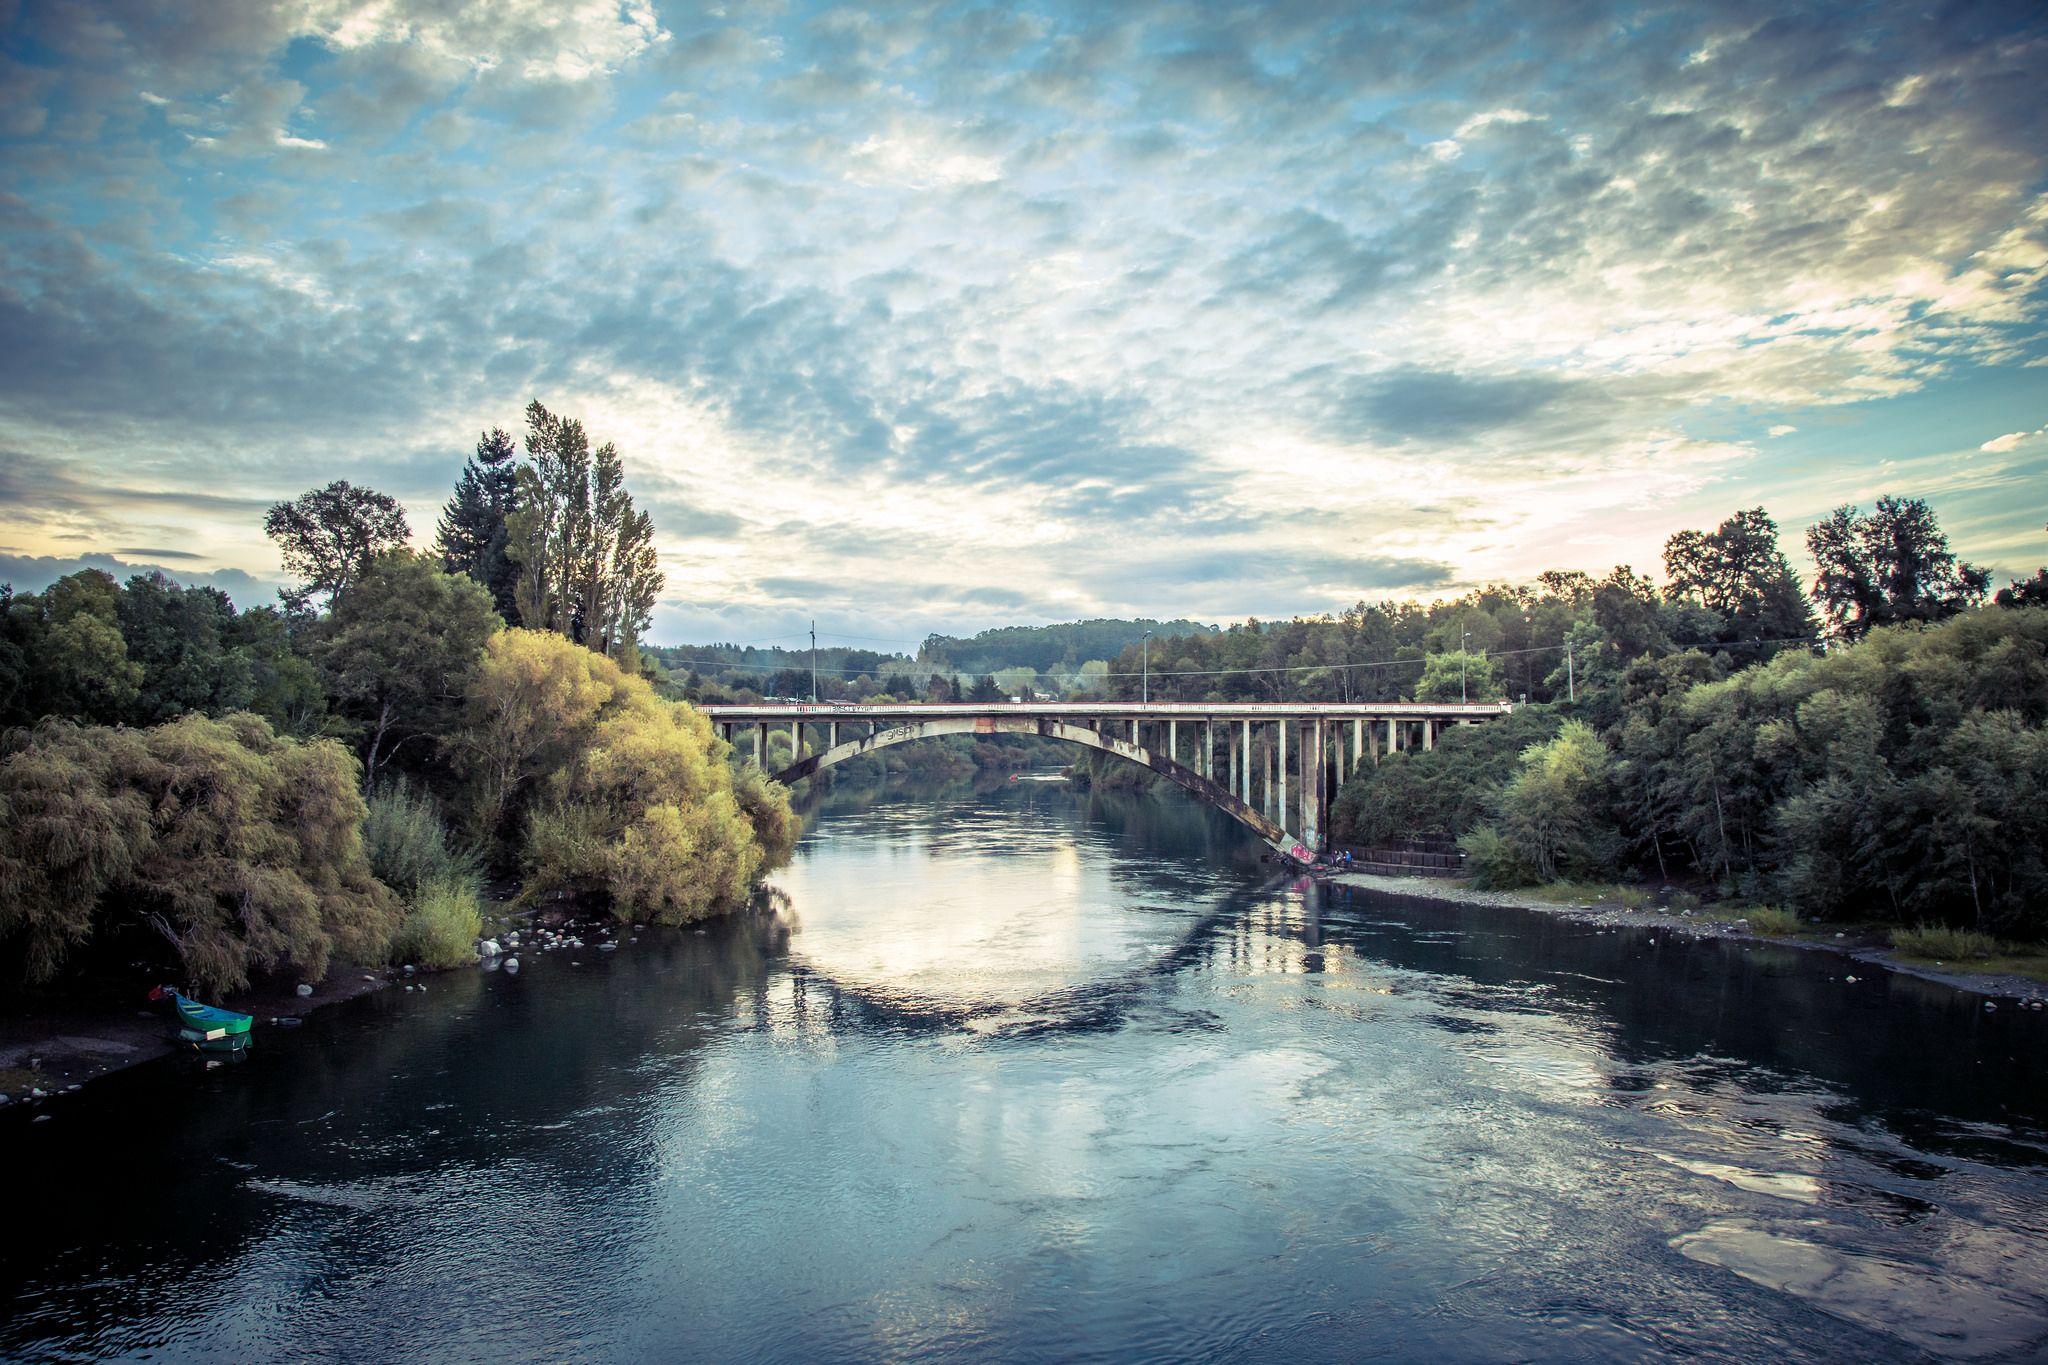 https://flic.kr/p/xJAaHA | Río Toltén | Ahora transformado en una vía peatonal, anteriormente servía como único acceso a la ciudad desde la ruta de Freire. Villarrica, Región de La Araucanía. Chile.